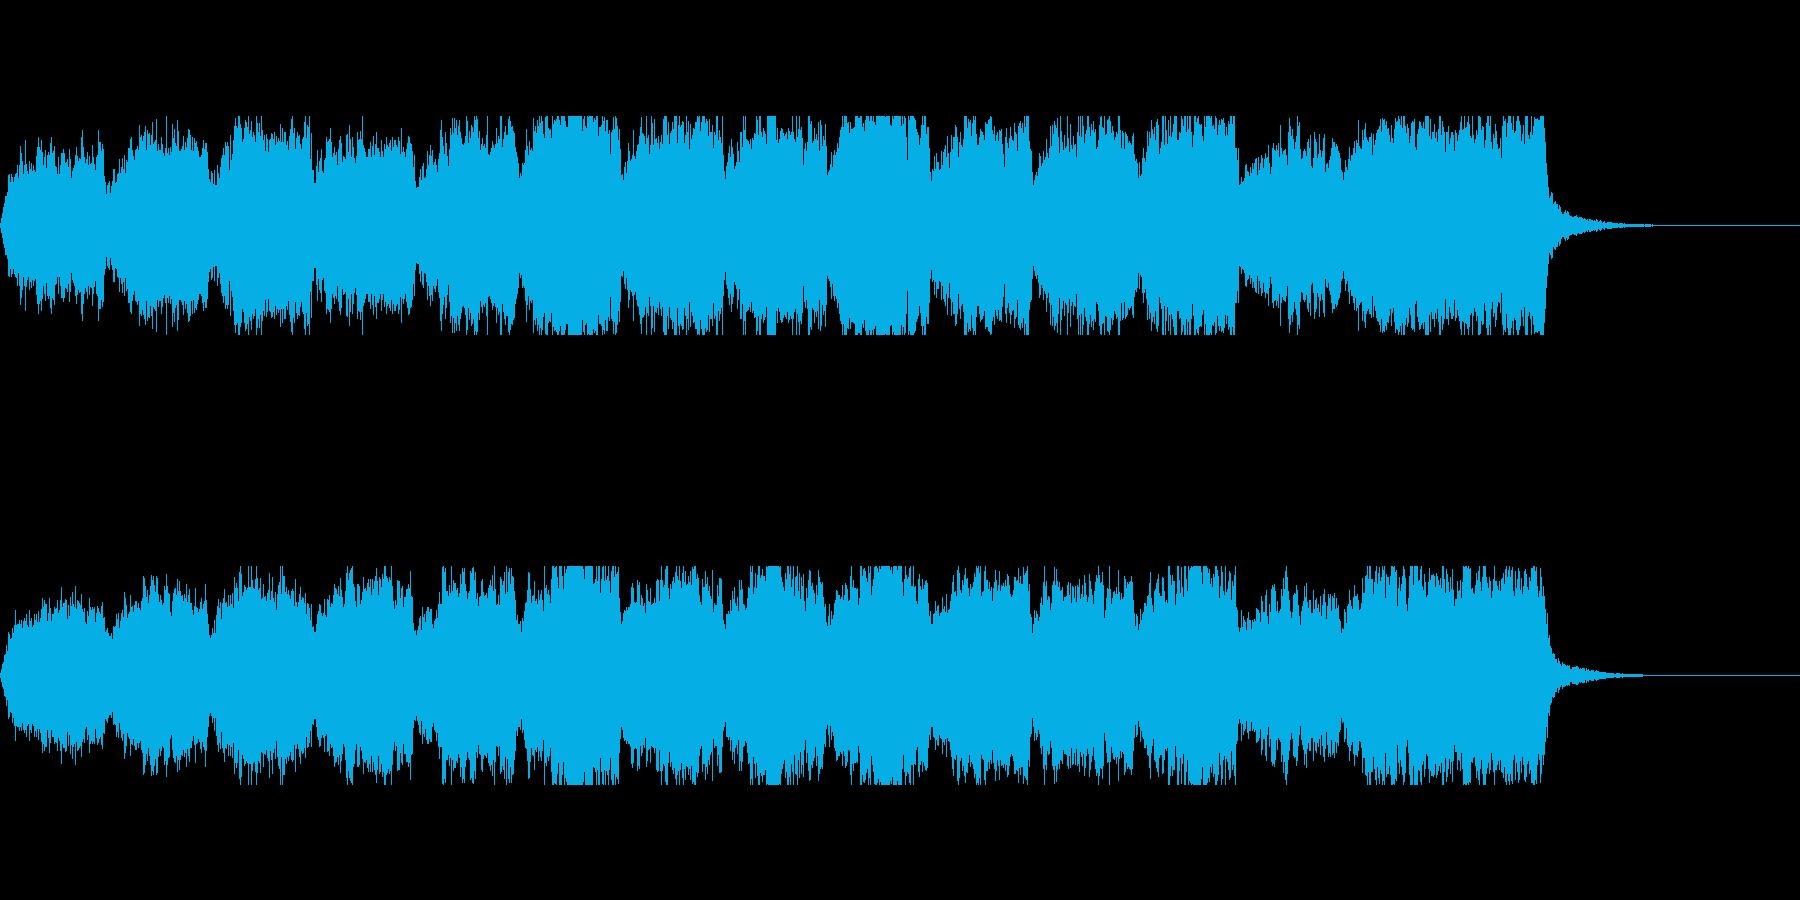 【ボス登場】波乱の展開の前触れを演出するの再生済みの波形